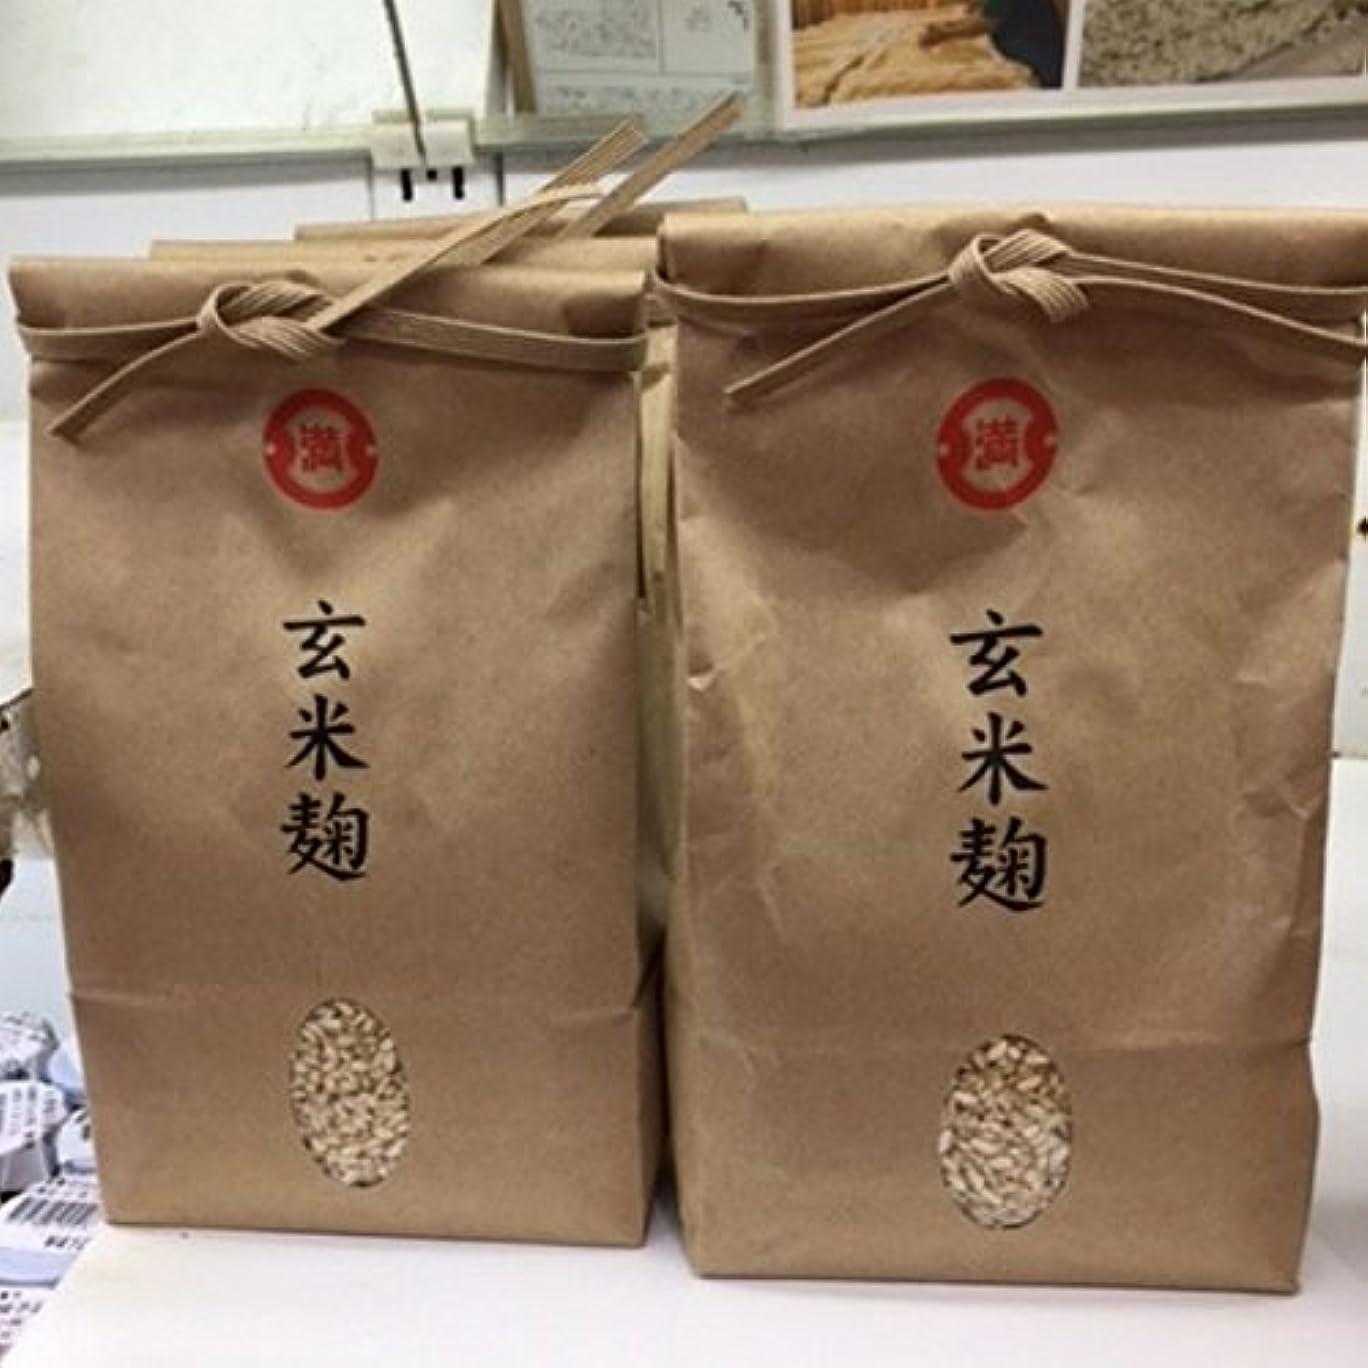 ルート塩辛いロマンチック玄米こうじ(福岡県産無農薬玄米使用)500g